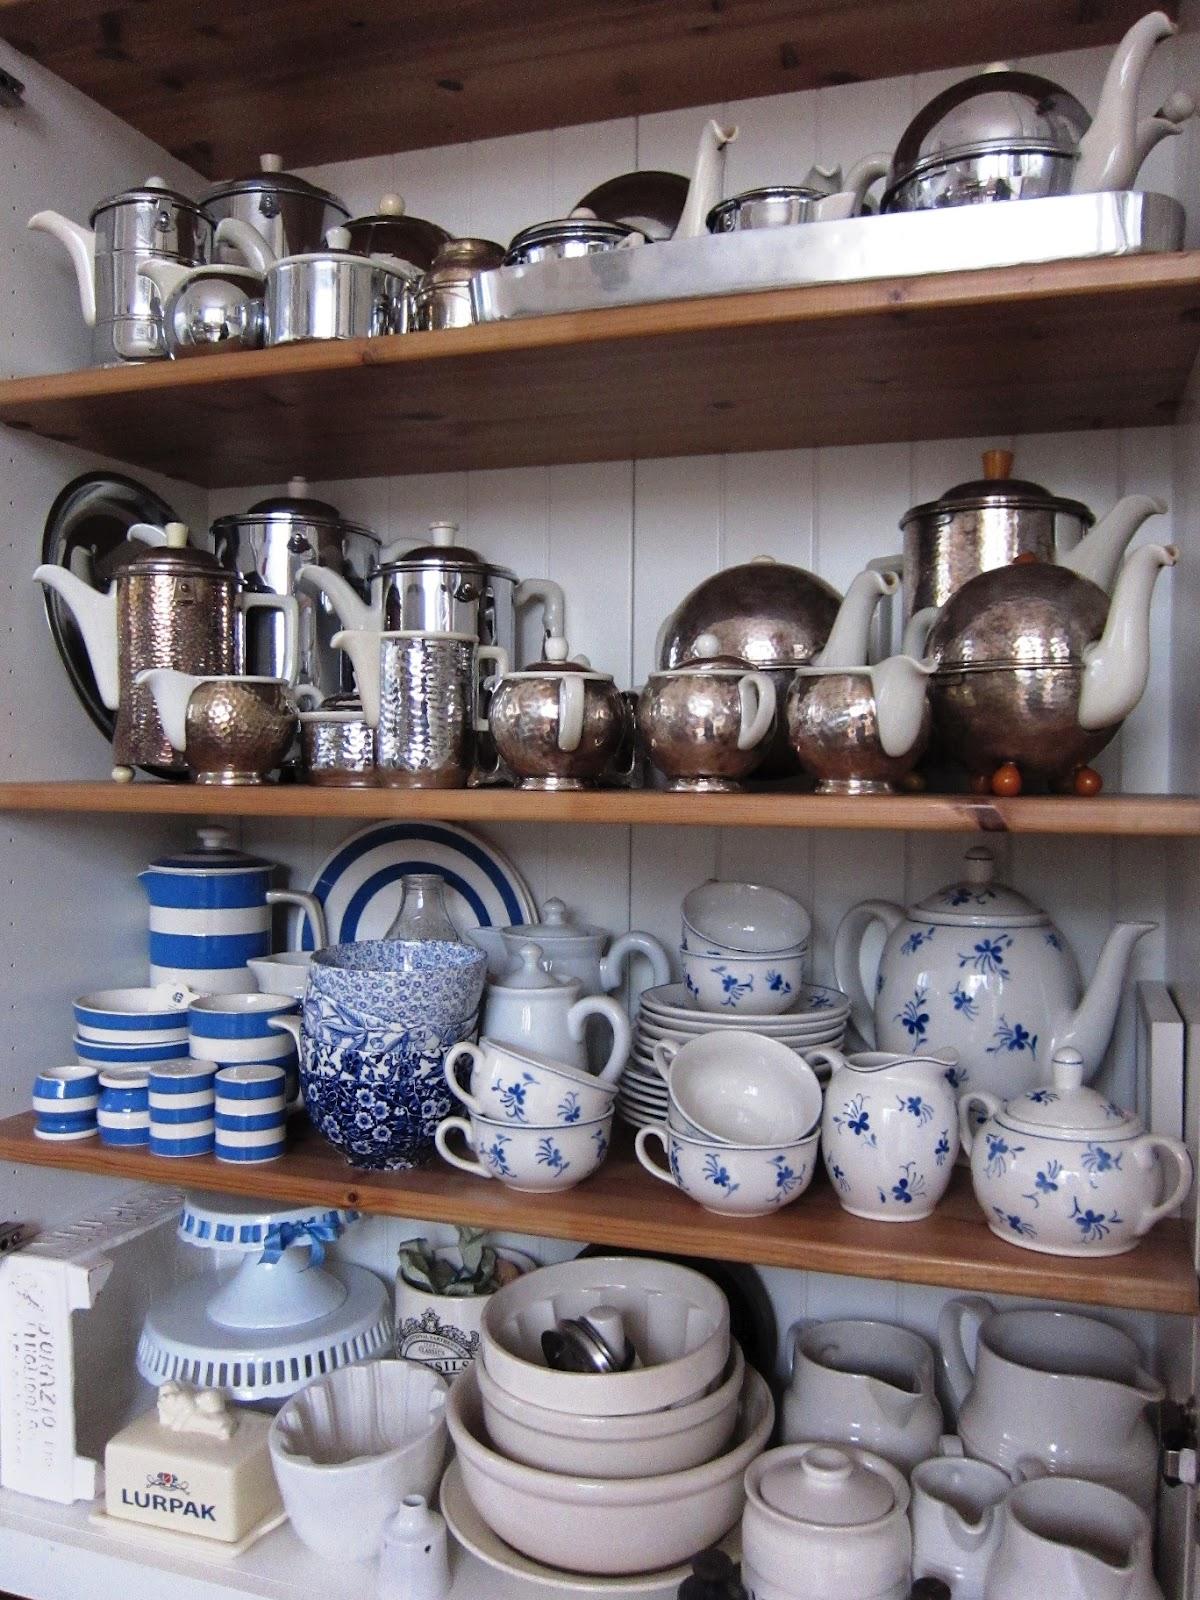 Das rote haus nr 12 in der kuchenvitrine for Küchenvitrine